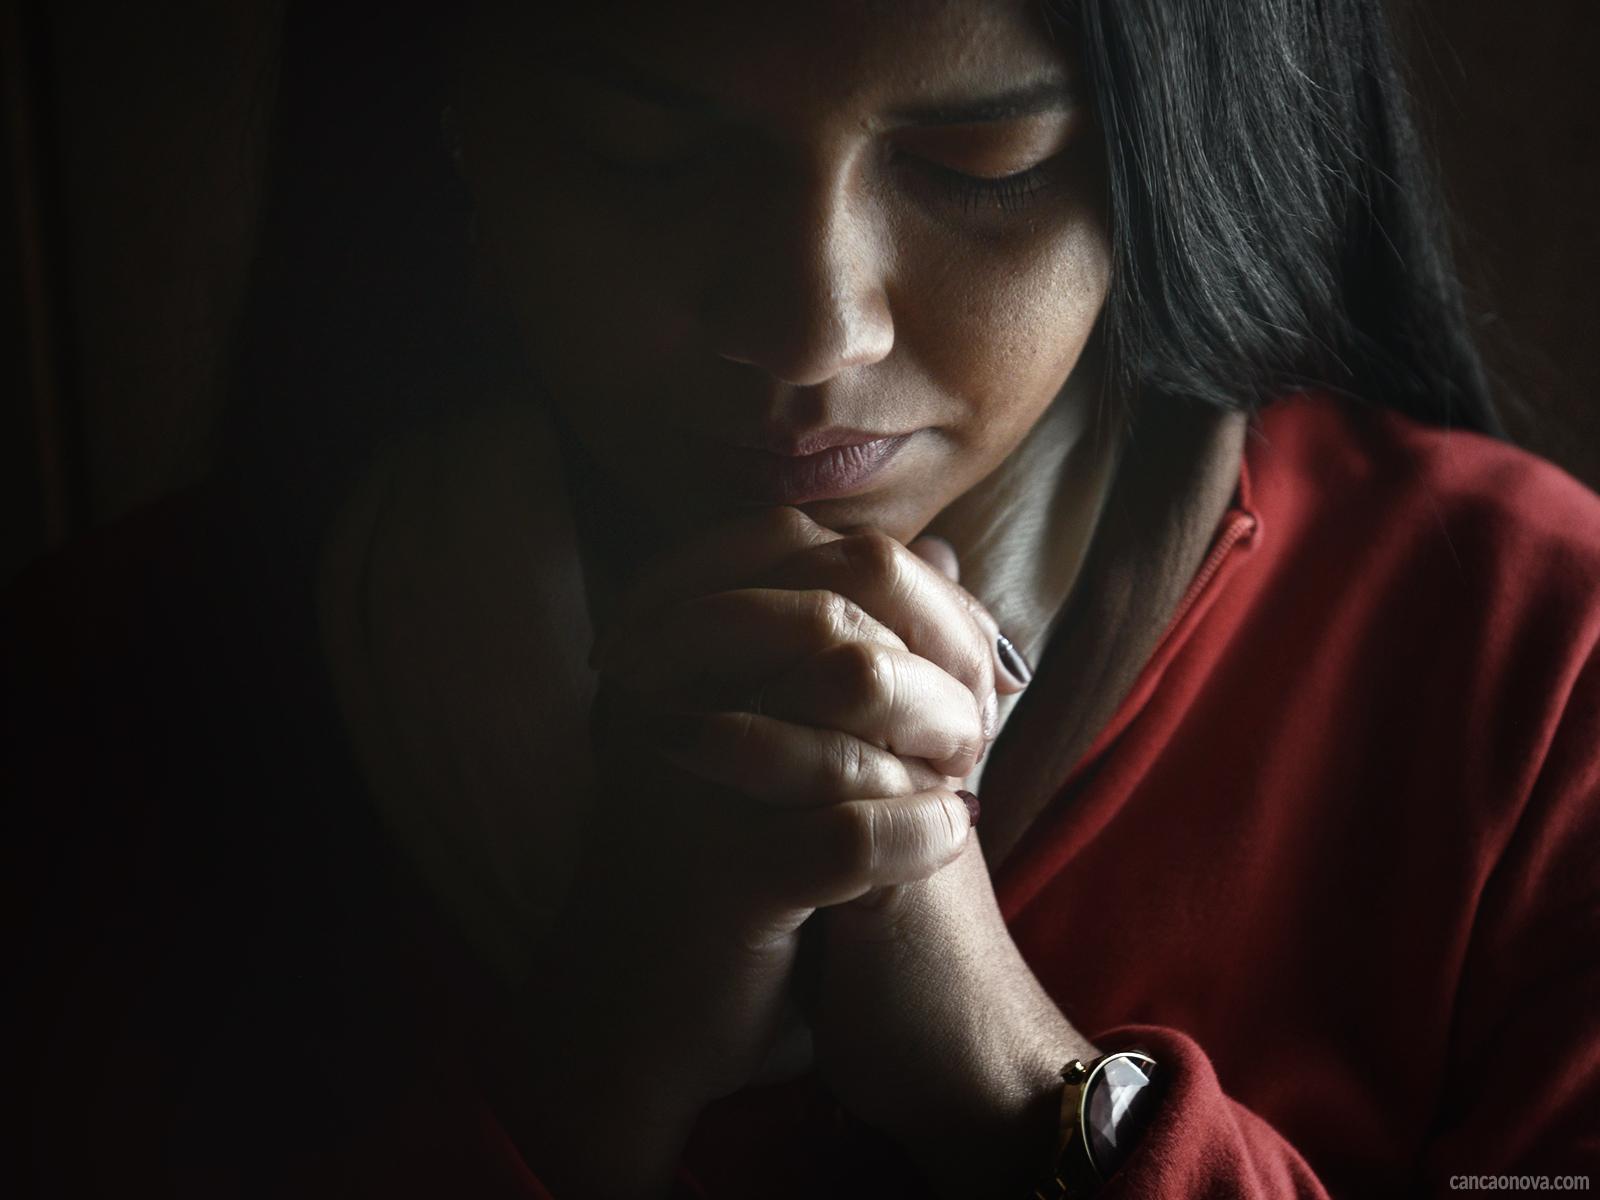 Orações para a cura espiritual e quebra dos laços do mal